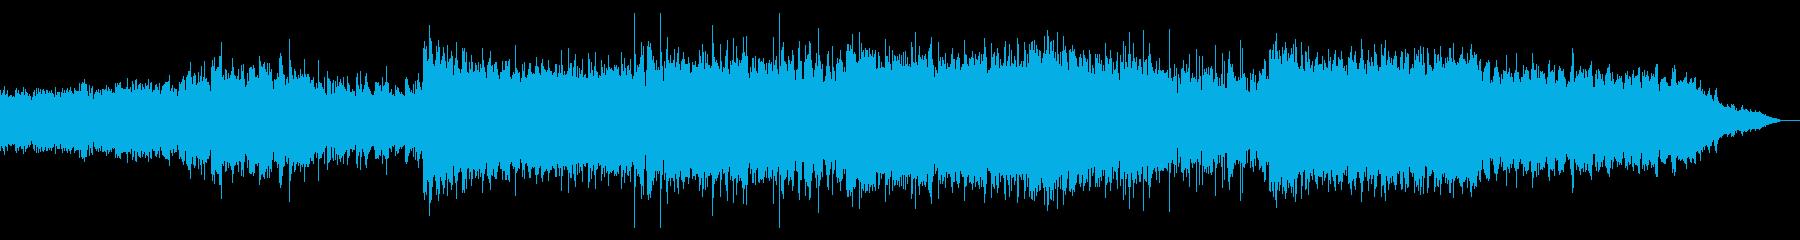 デジタルで歪なアンビエントIDMの再生済みの波形